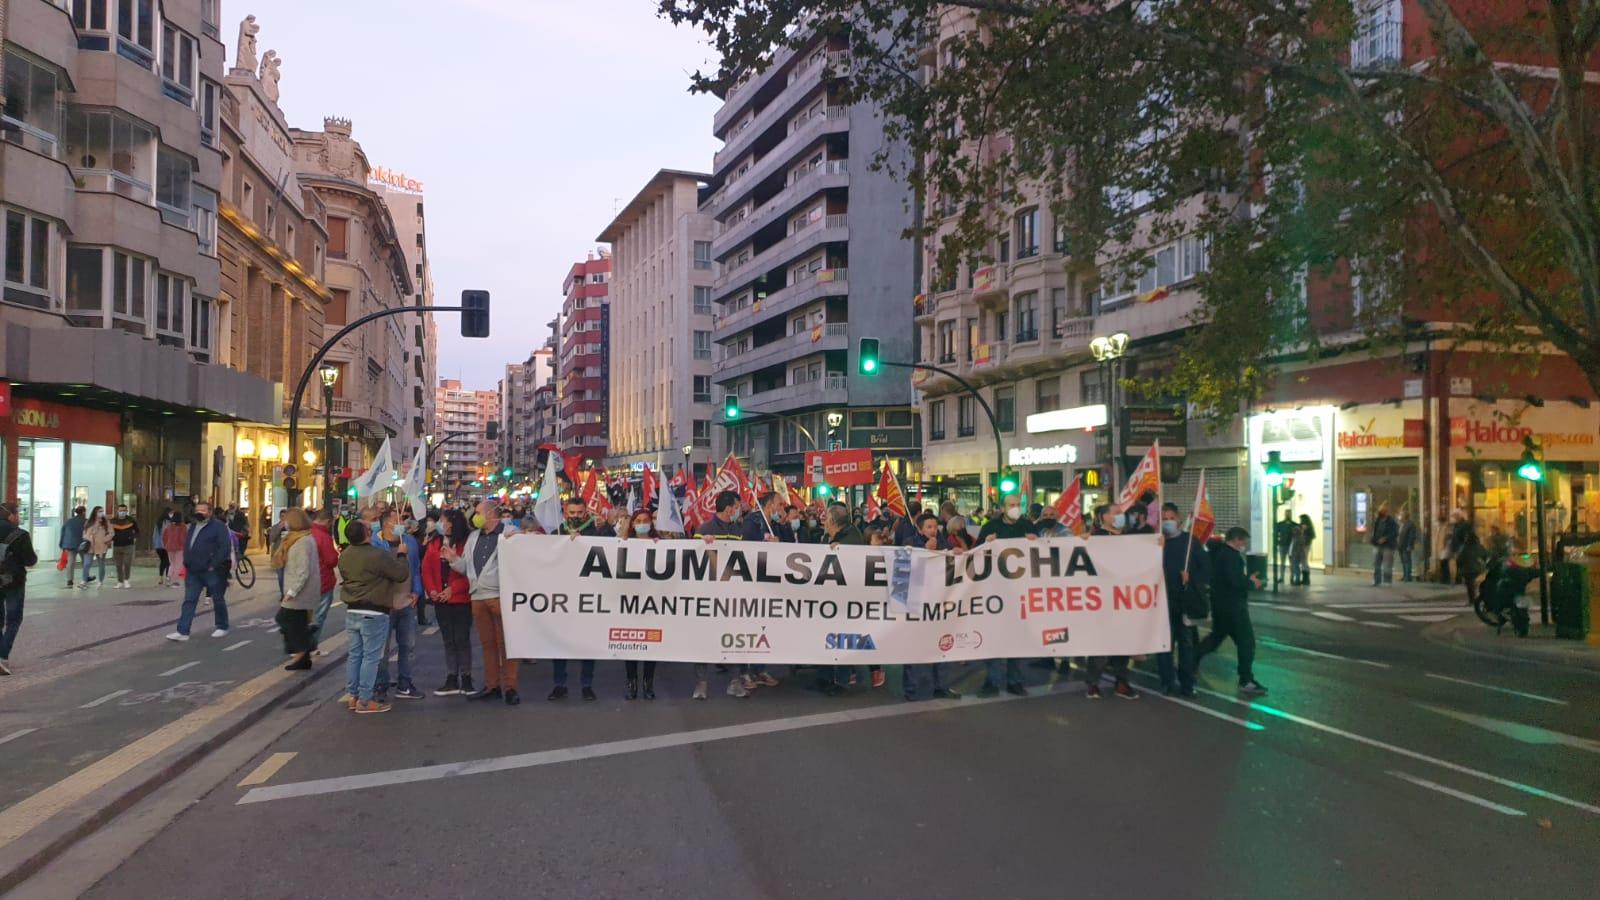 """Alumalsa, Huelga Indefinida. Masiva manifestación en Zaragoza en apoyo a la plantilla de Alumalsa """"para que no haya ni un solo despido"""""""